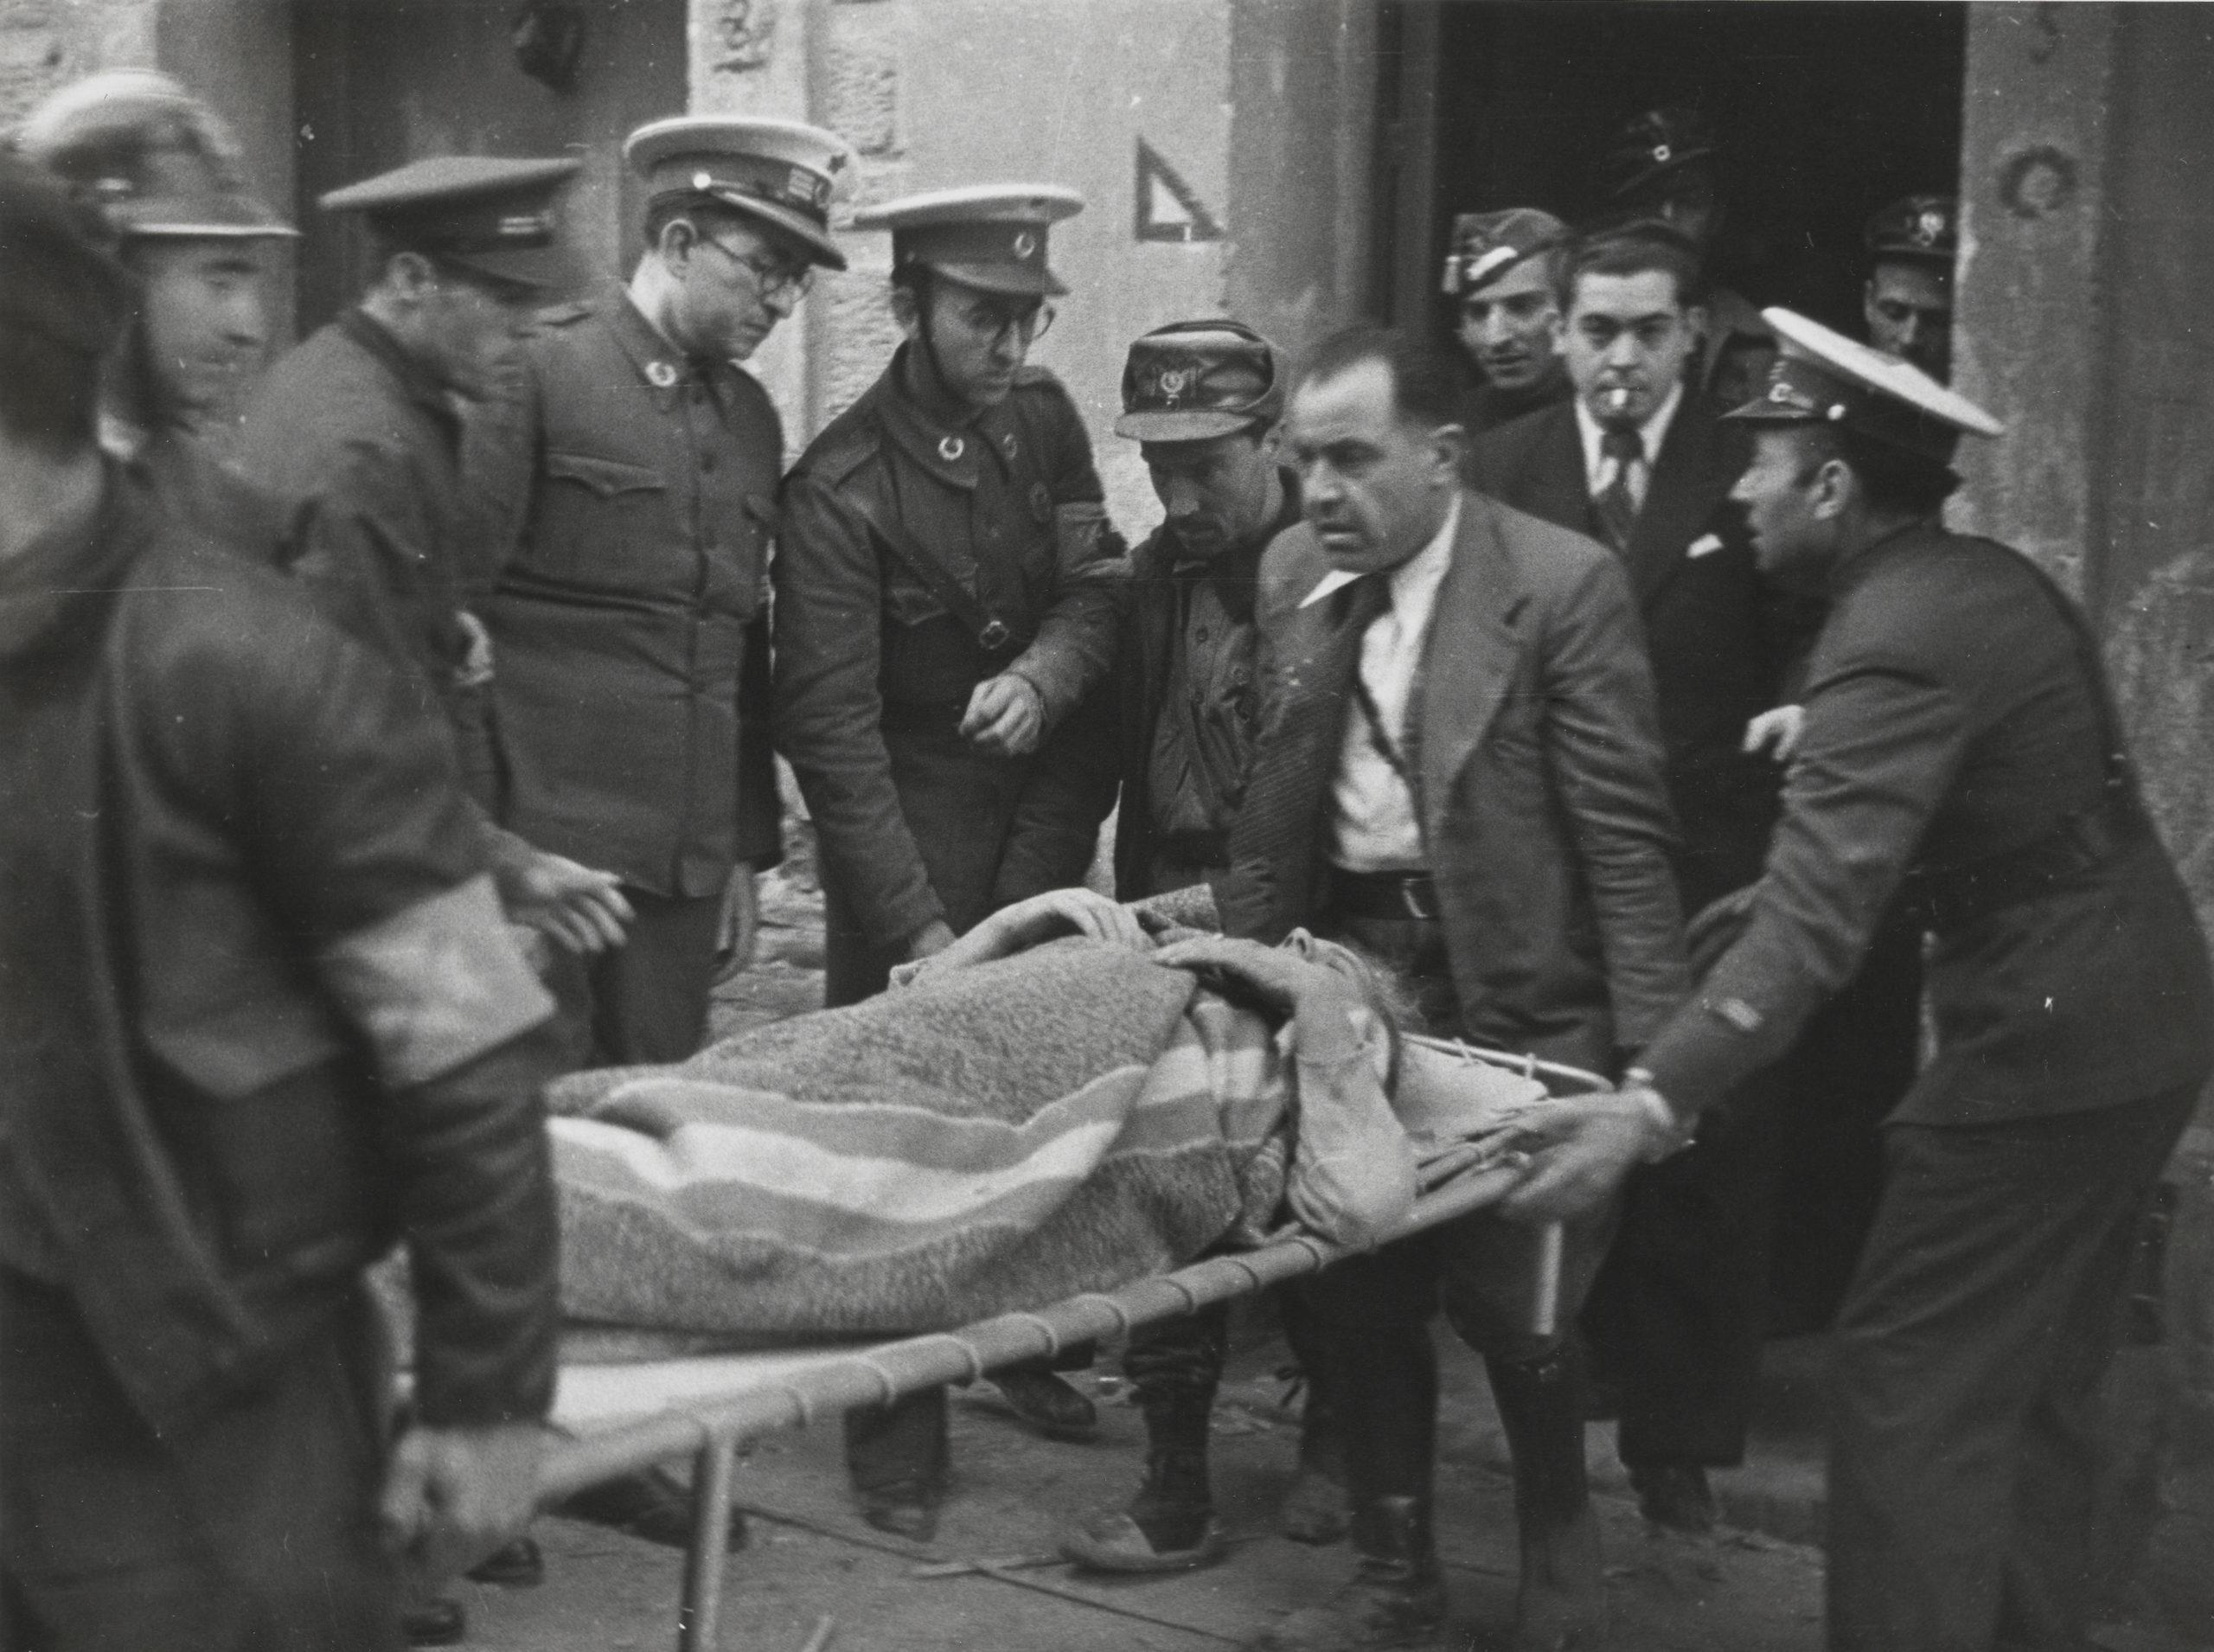 A l'esquerra un bomber de Barcelona ajudant en el desallotjament de ferits a causa d'un bombardeig al Poble Sec el 16/03/1937